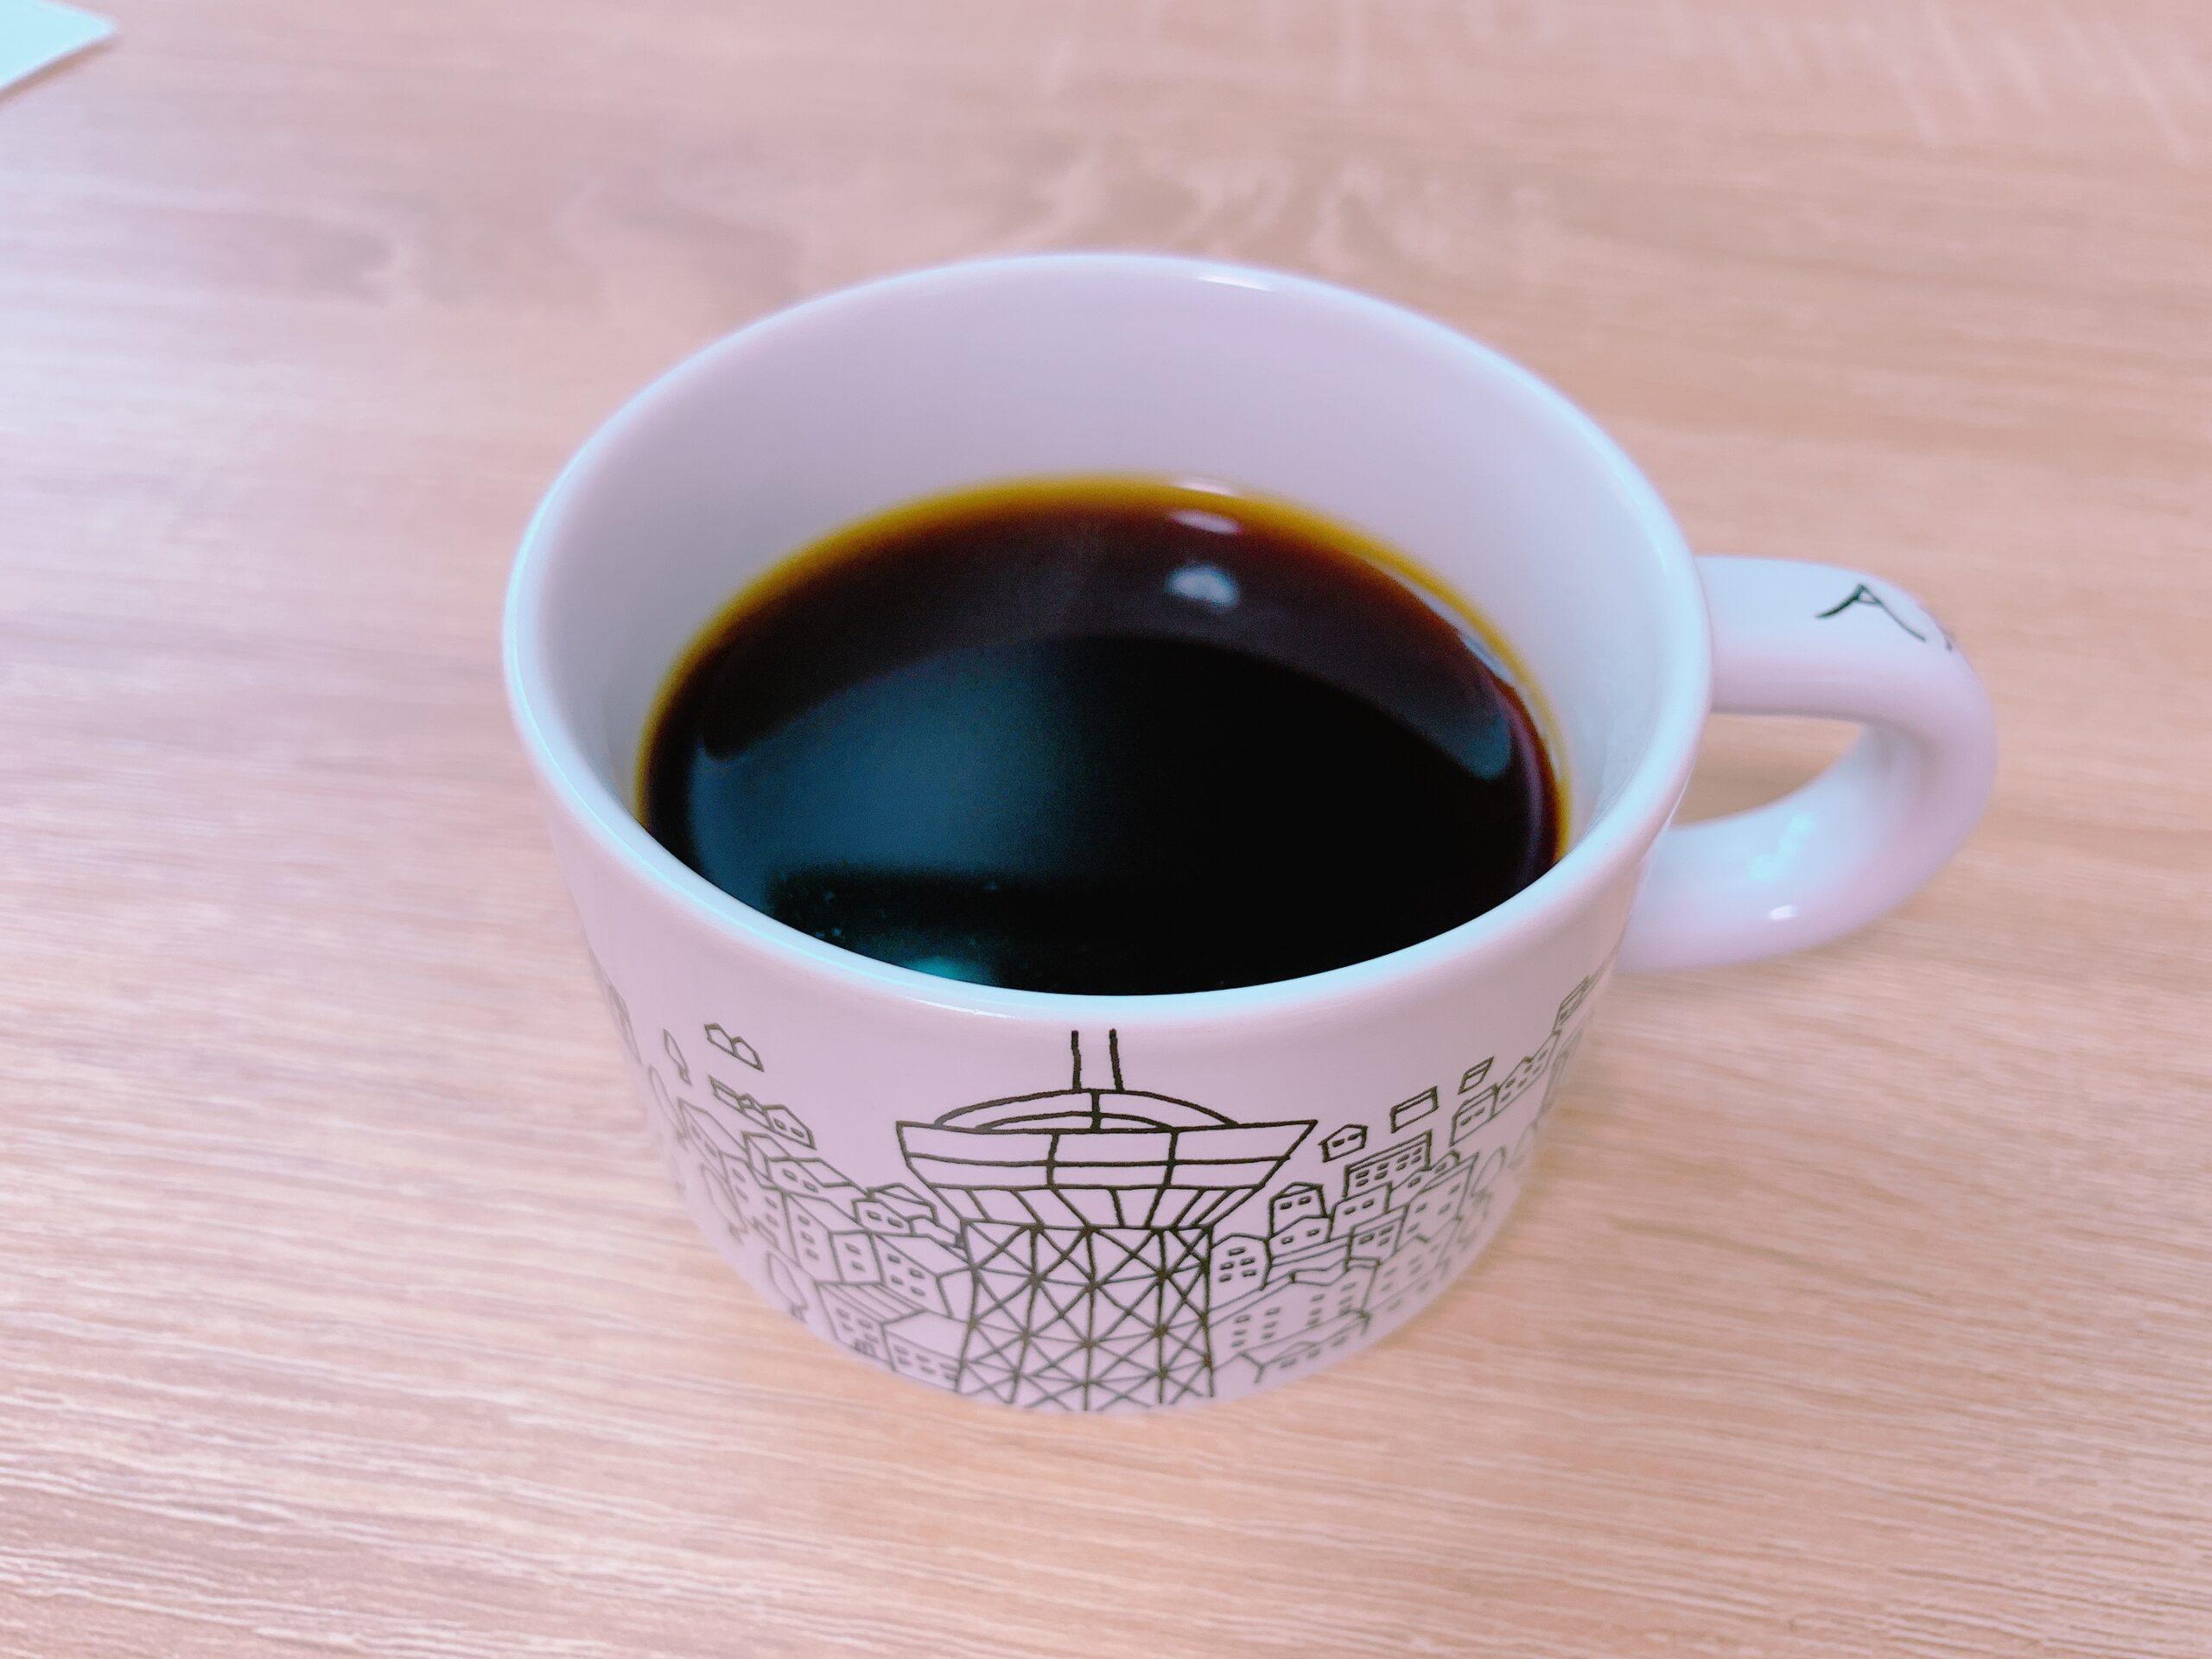 シロカの全自動コーヒーメーカー 「カフェばこ」で淹れたコーヒー